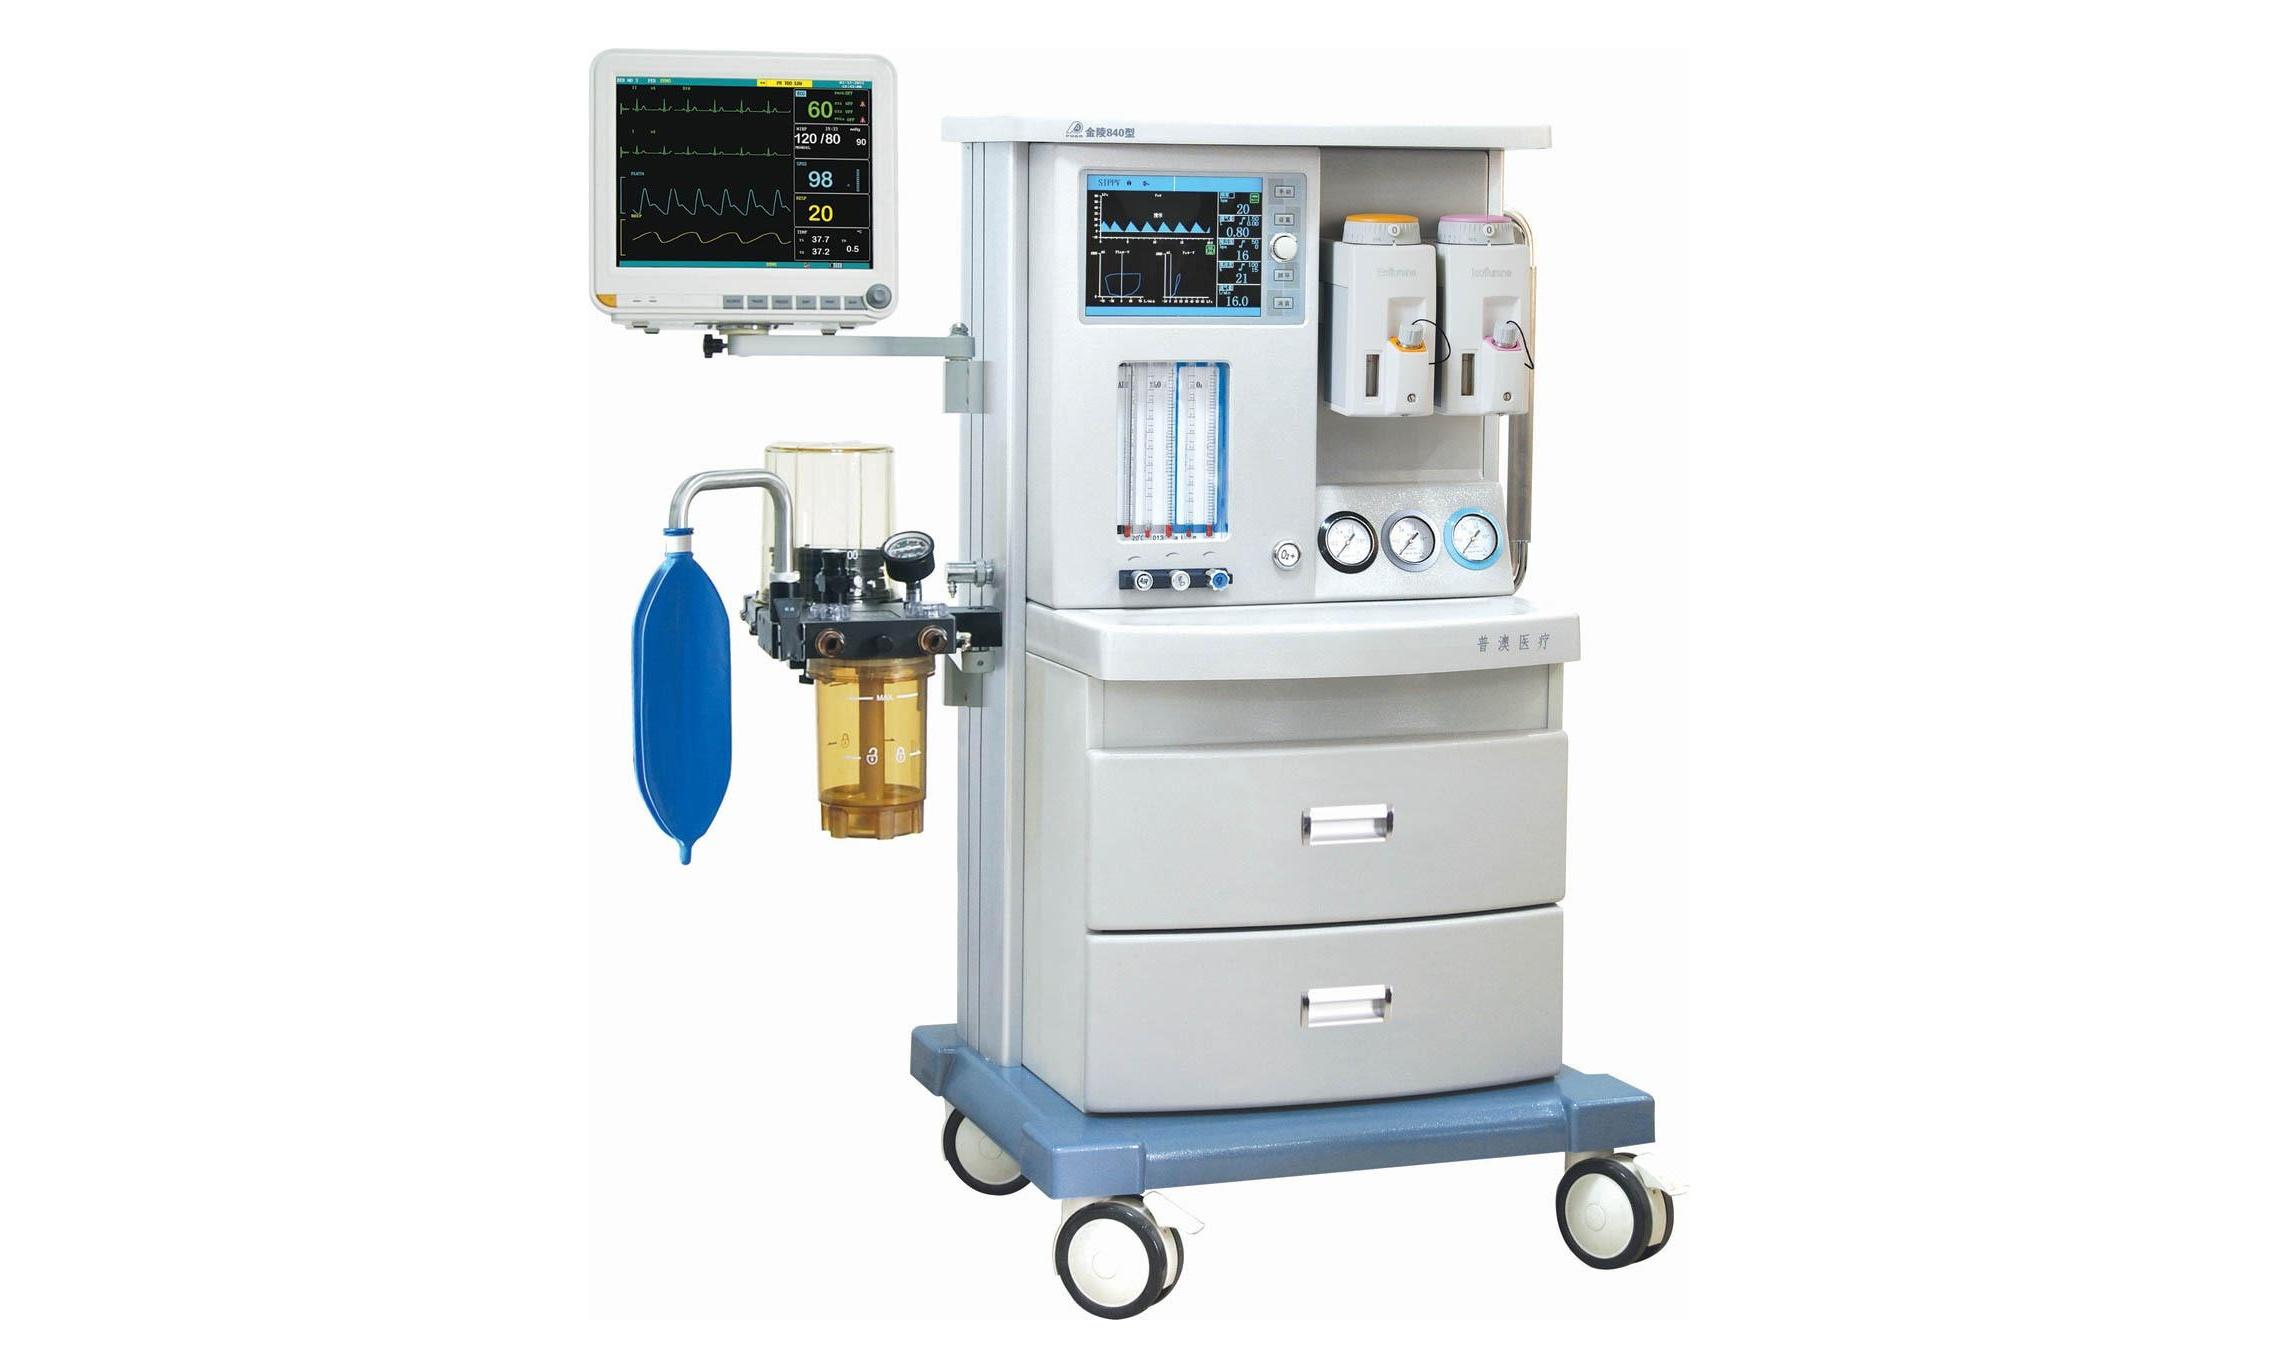 阳江市妇幼保健院医疗设备采购项目公开招标